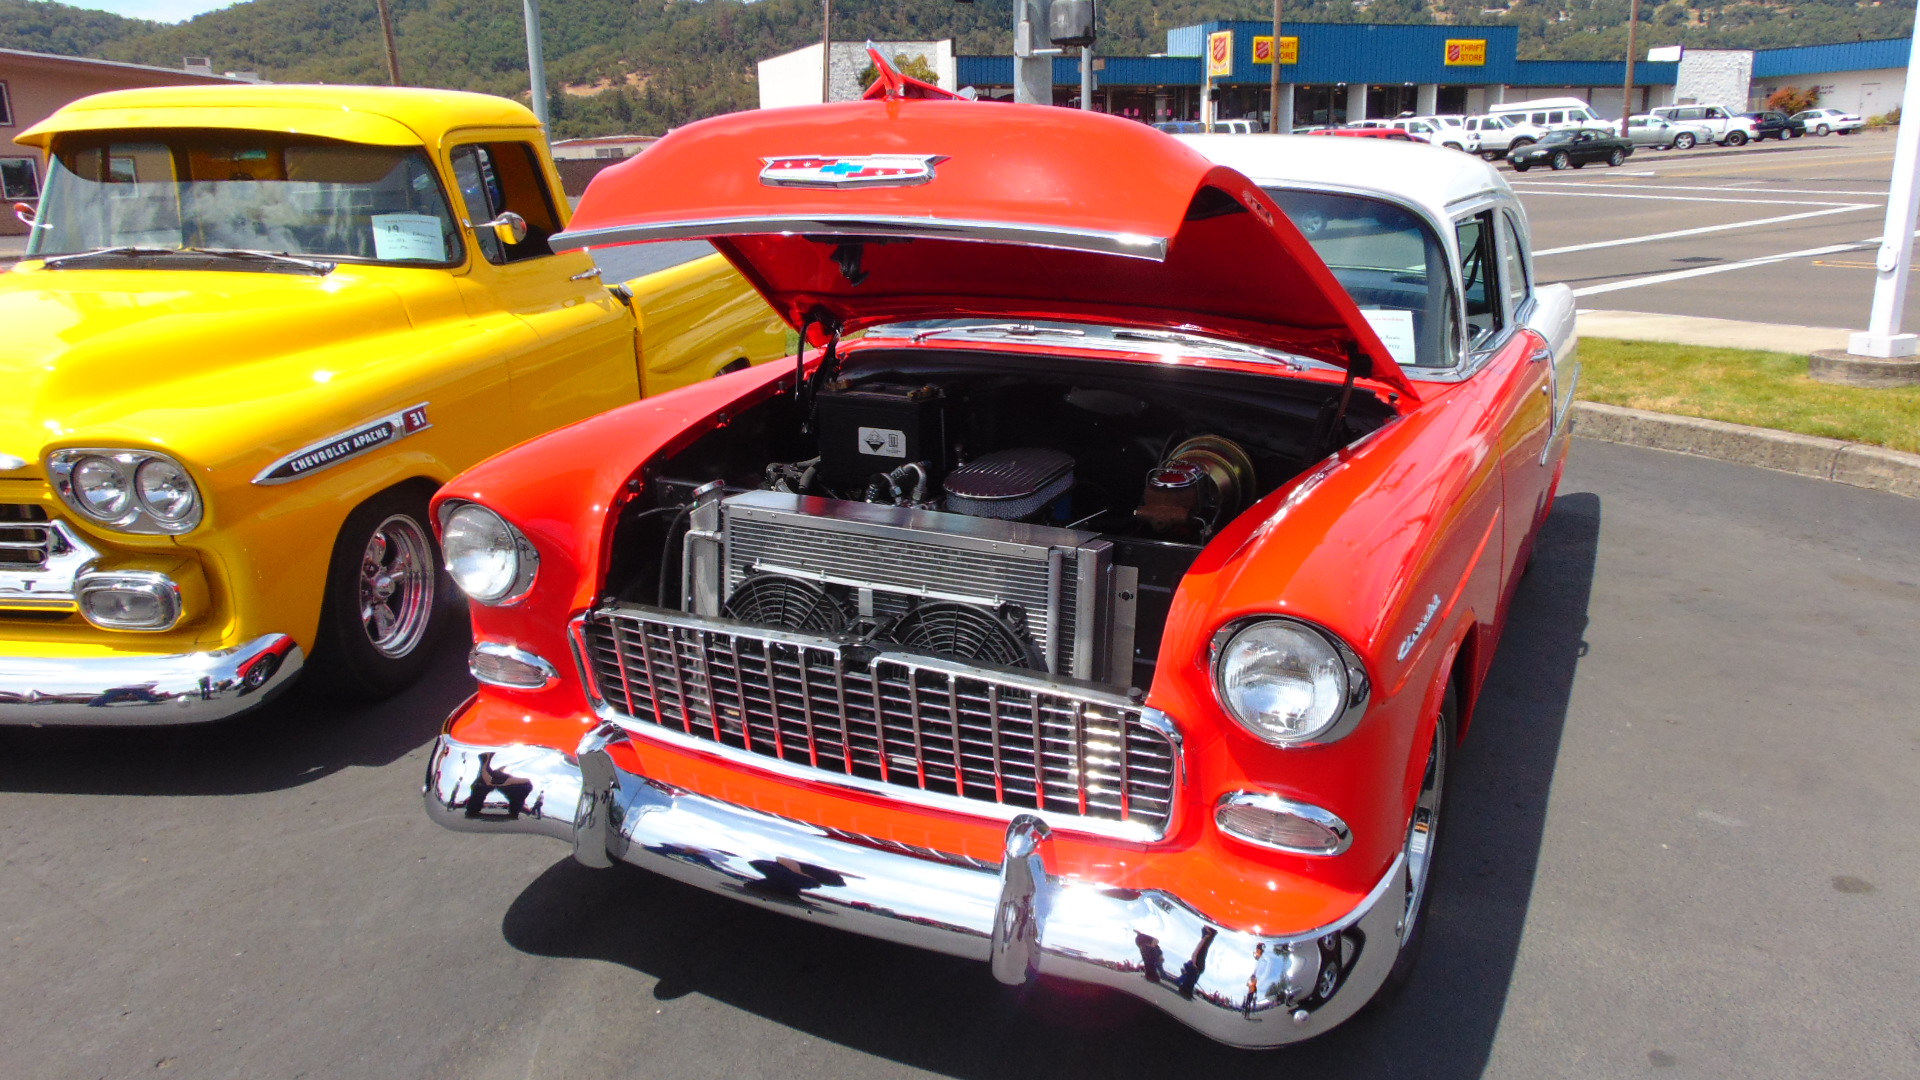 Neat Car.